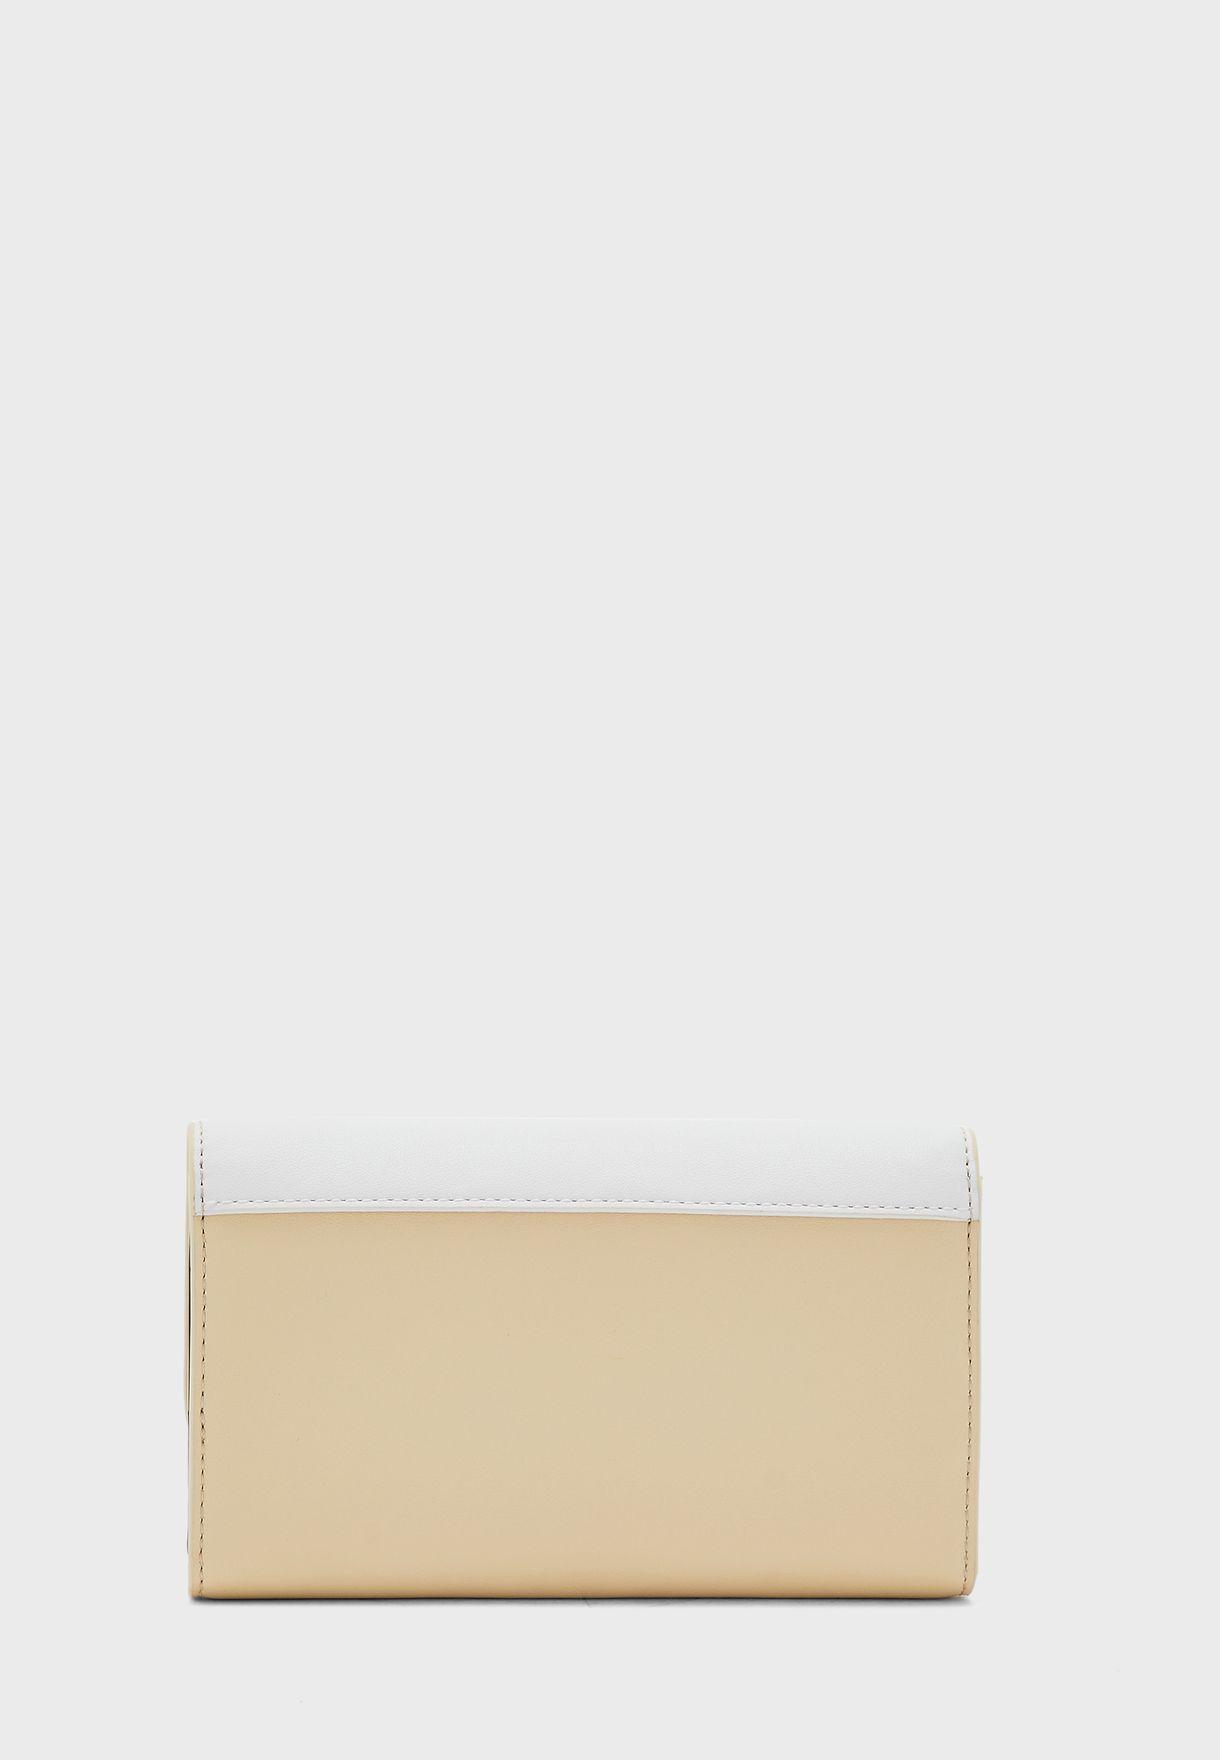 محفظة جلد مطوية